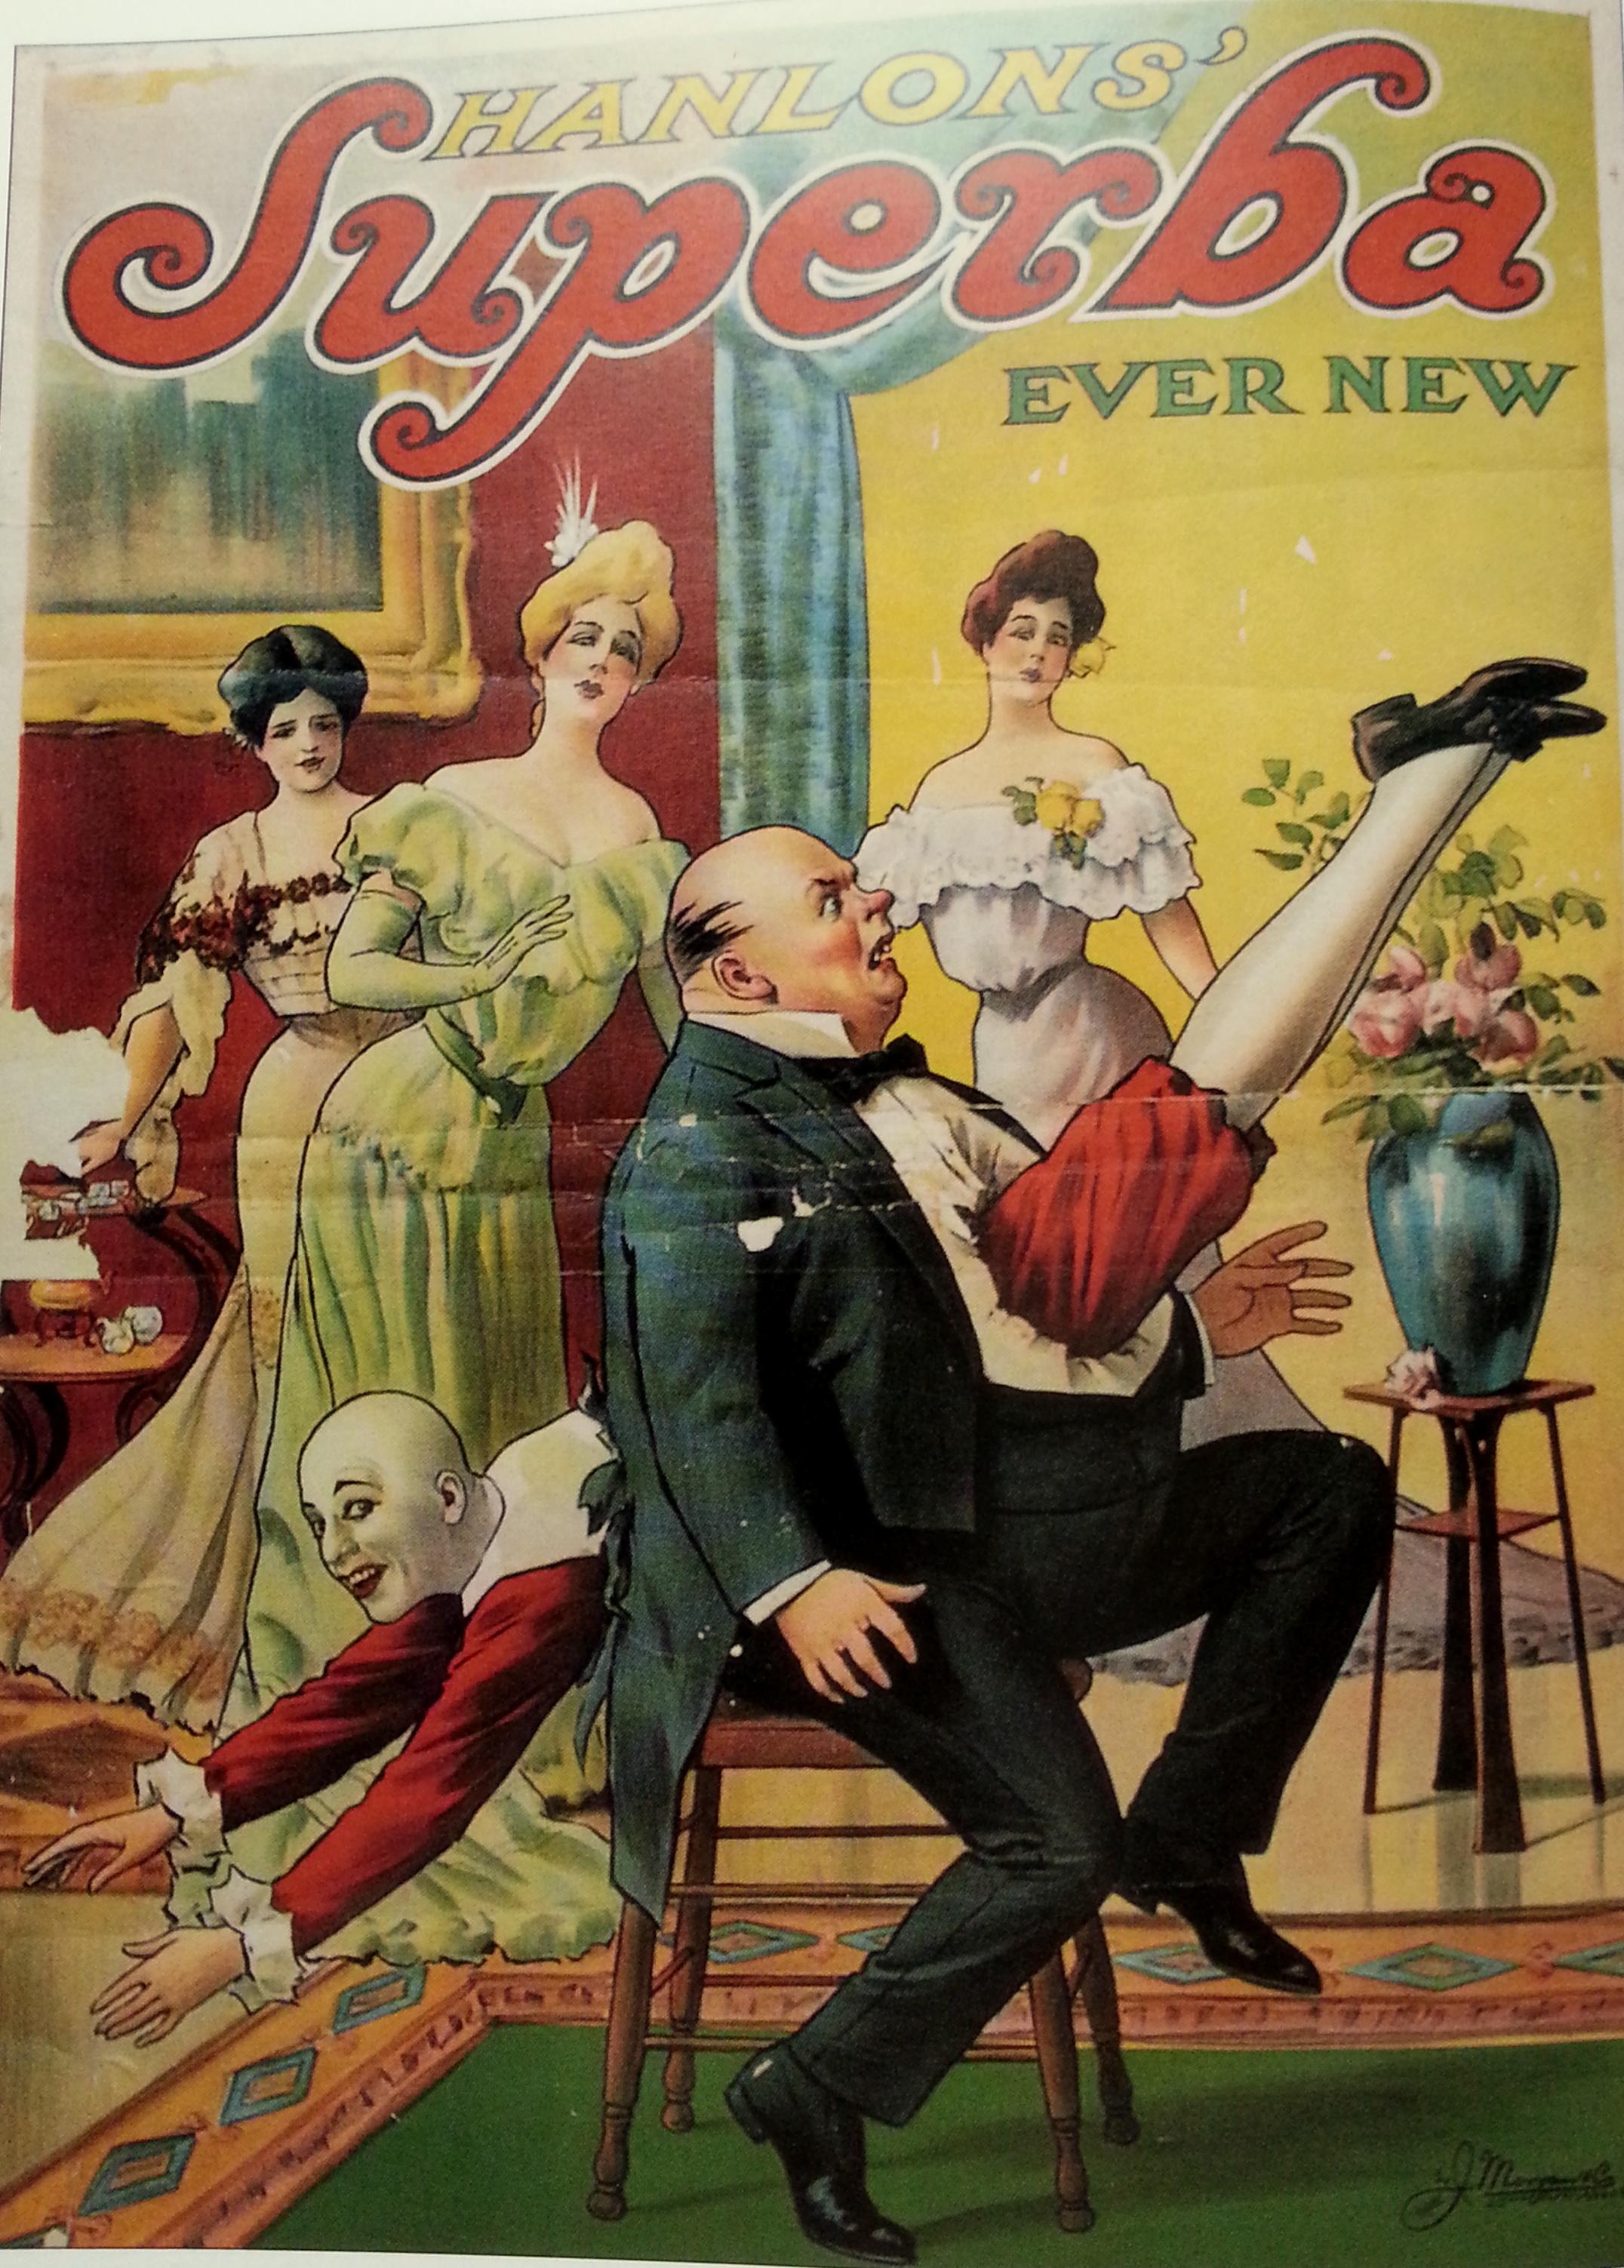 """File:Poster for Hanlon-Lees' """"Superba"""".jpg - Wikimedia Commons"""